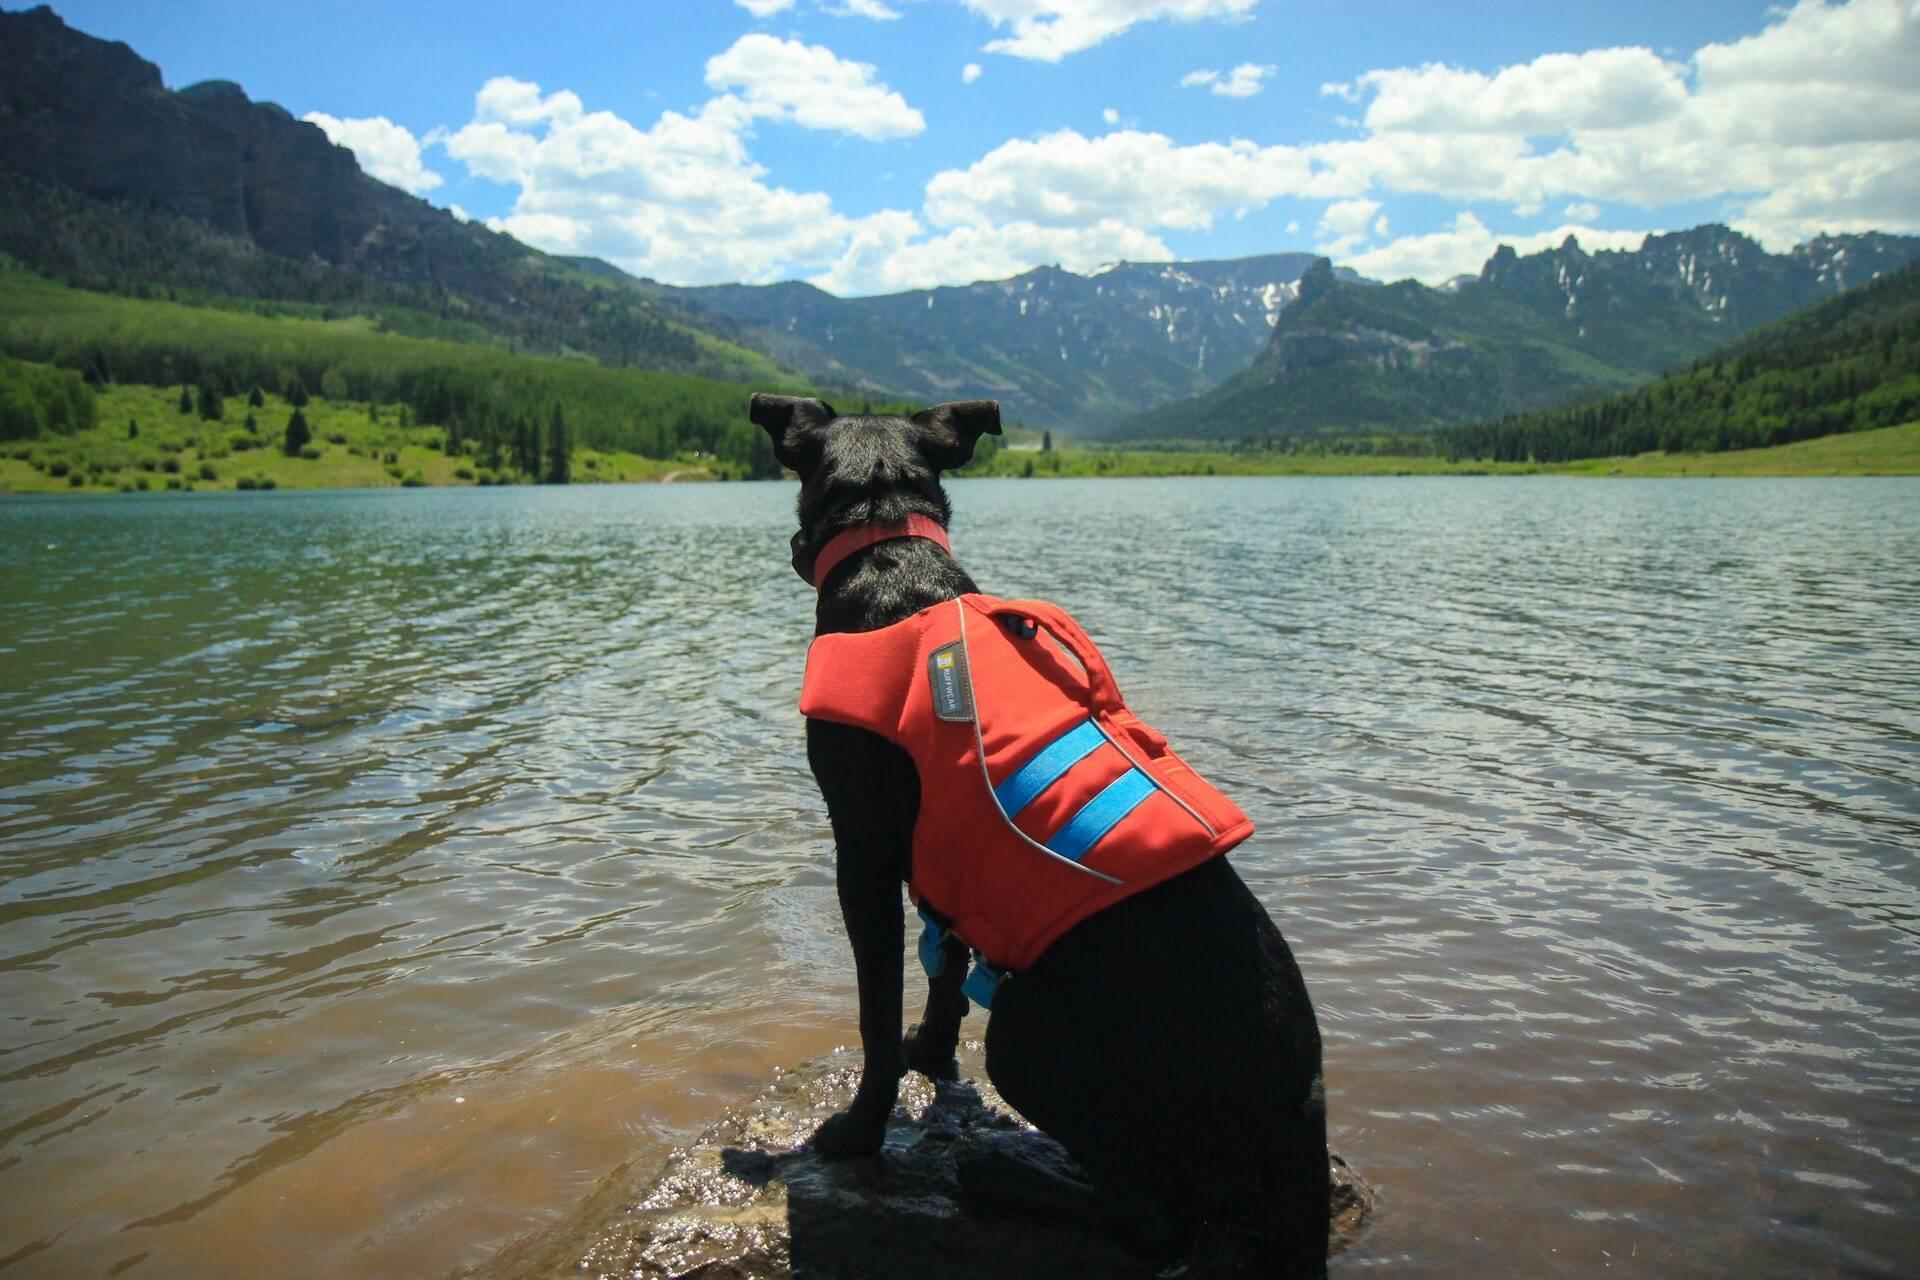 Conheça os cães treinados para encontrar cadáveres debaixo d'água